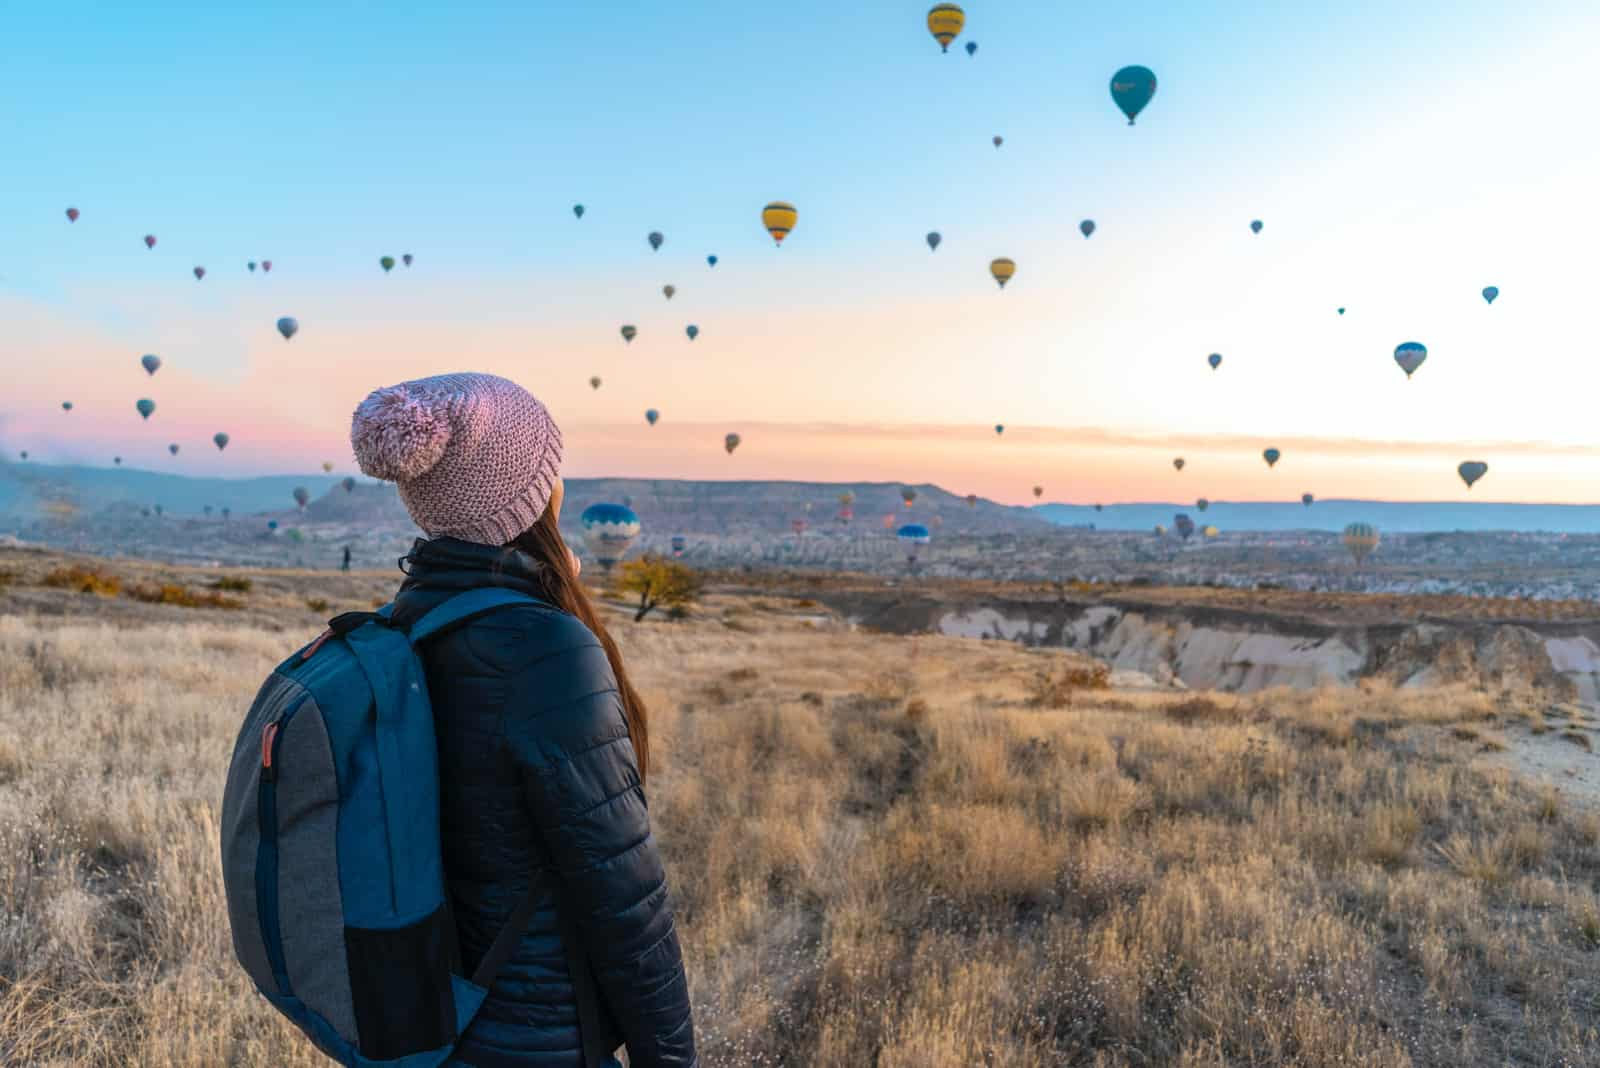 femme avec un sac à dos regardant des ballons à air chaud